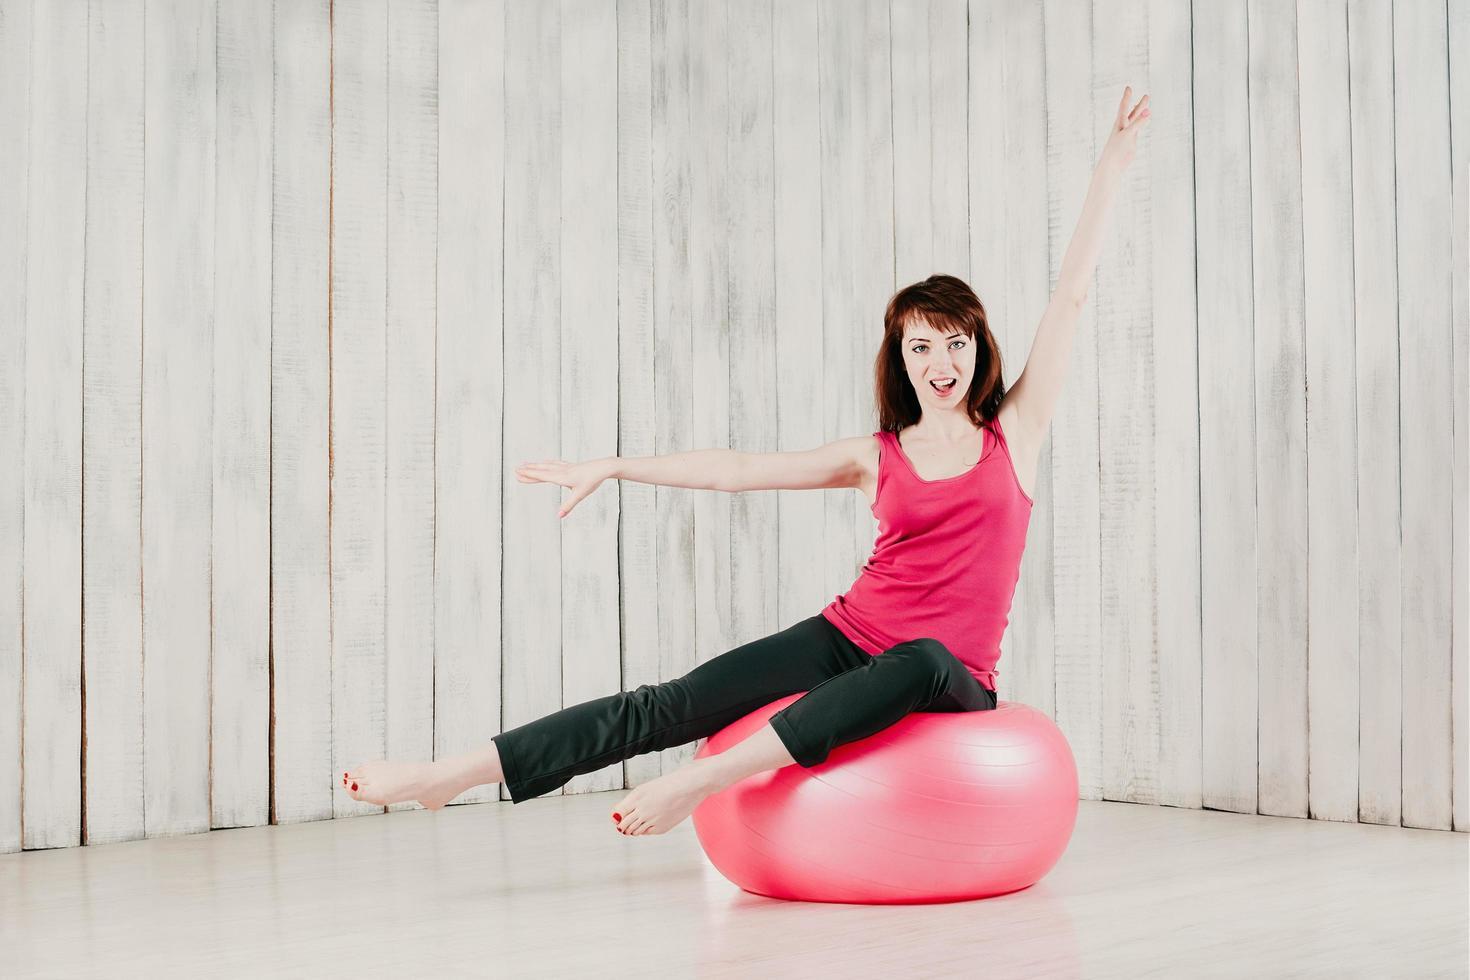 une fille en haut rose, assise sur un fitball rose dans une salle de sport photo